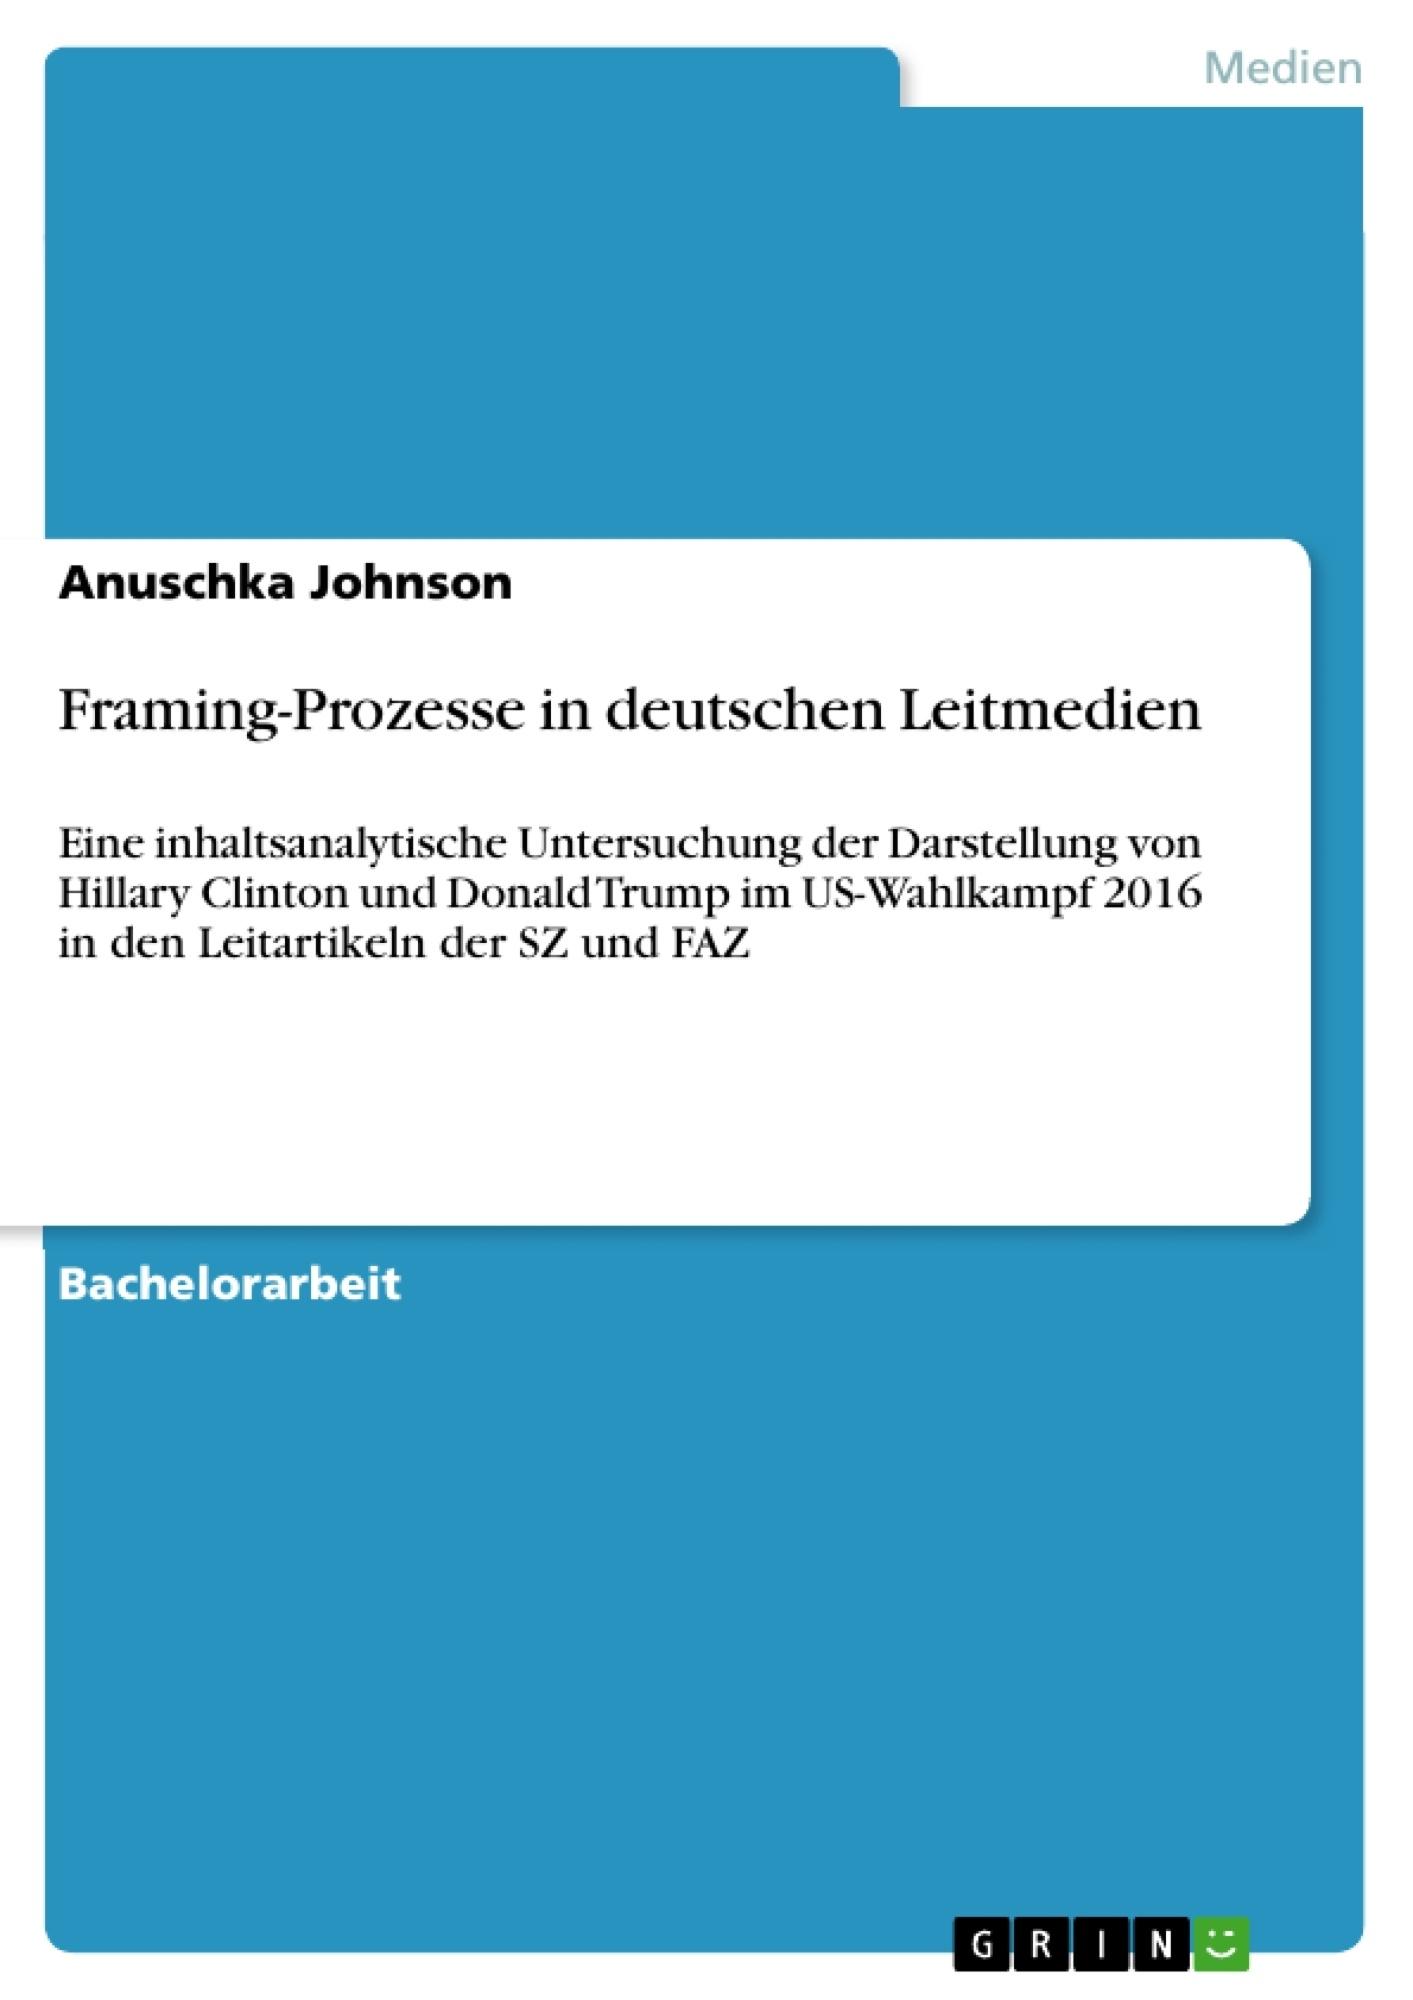 Titel: Framing-Prozesse in deutschen Leitmedien